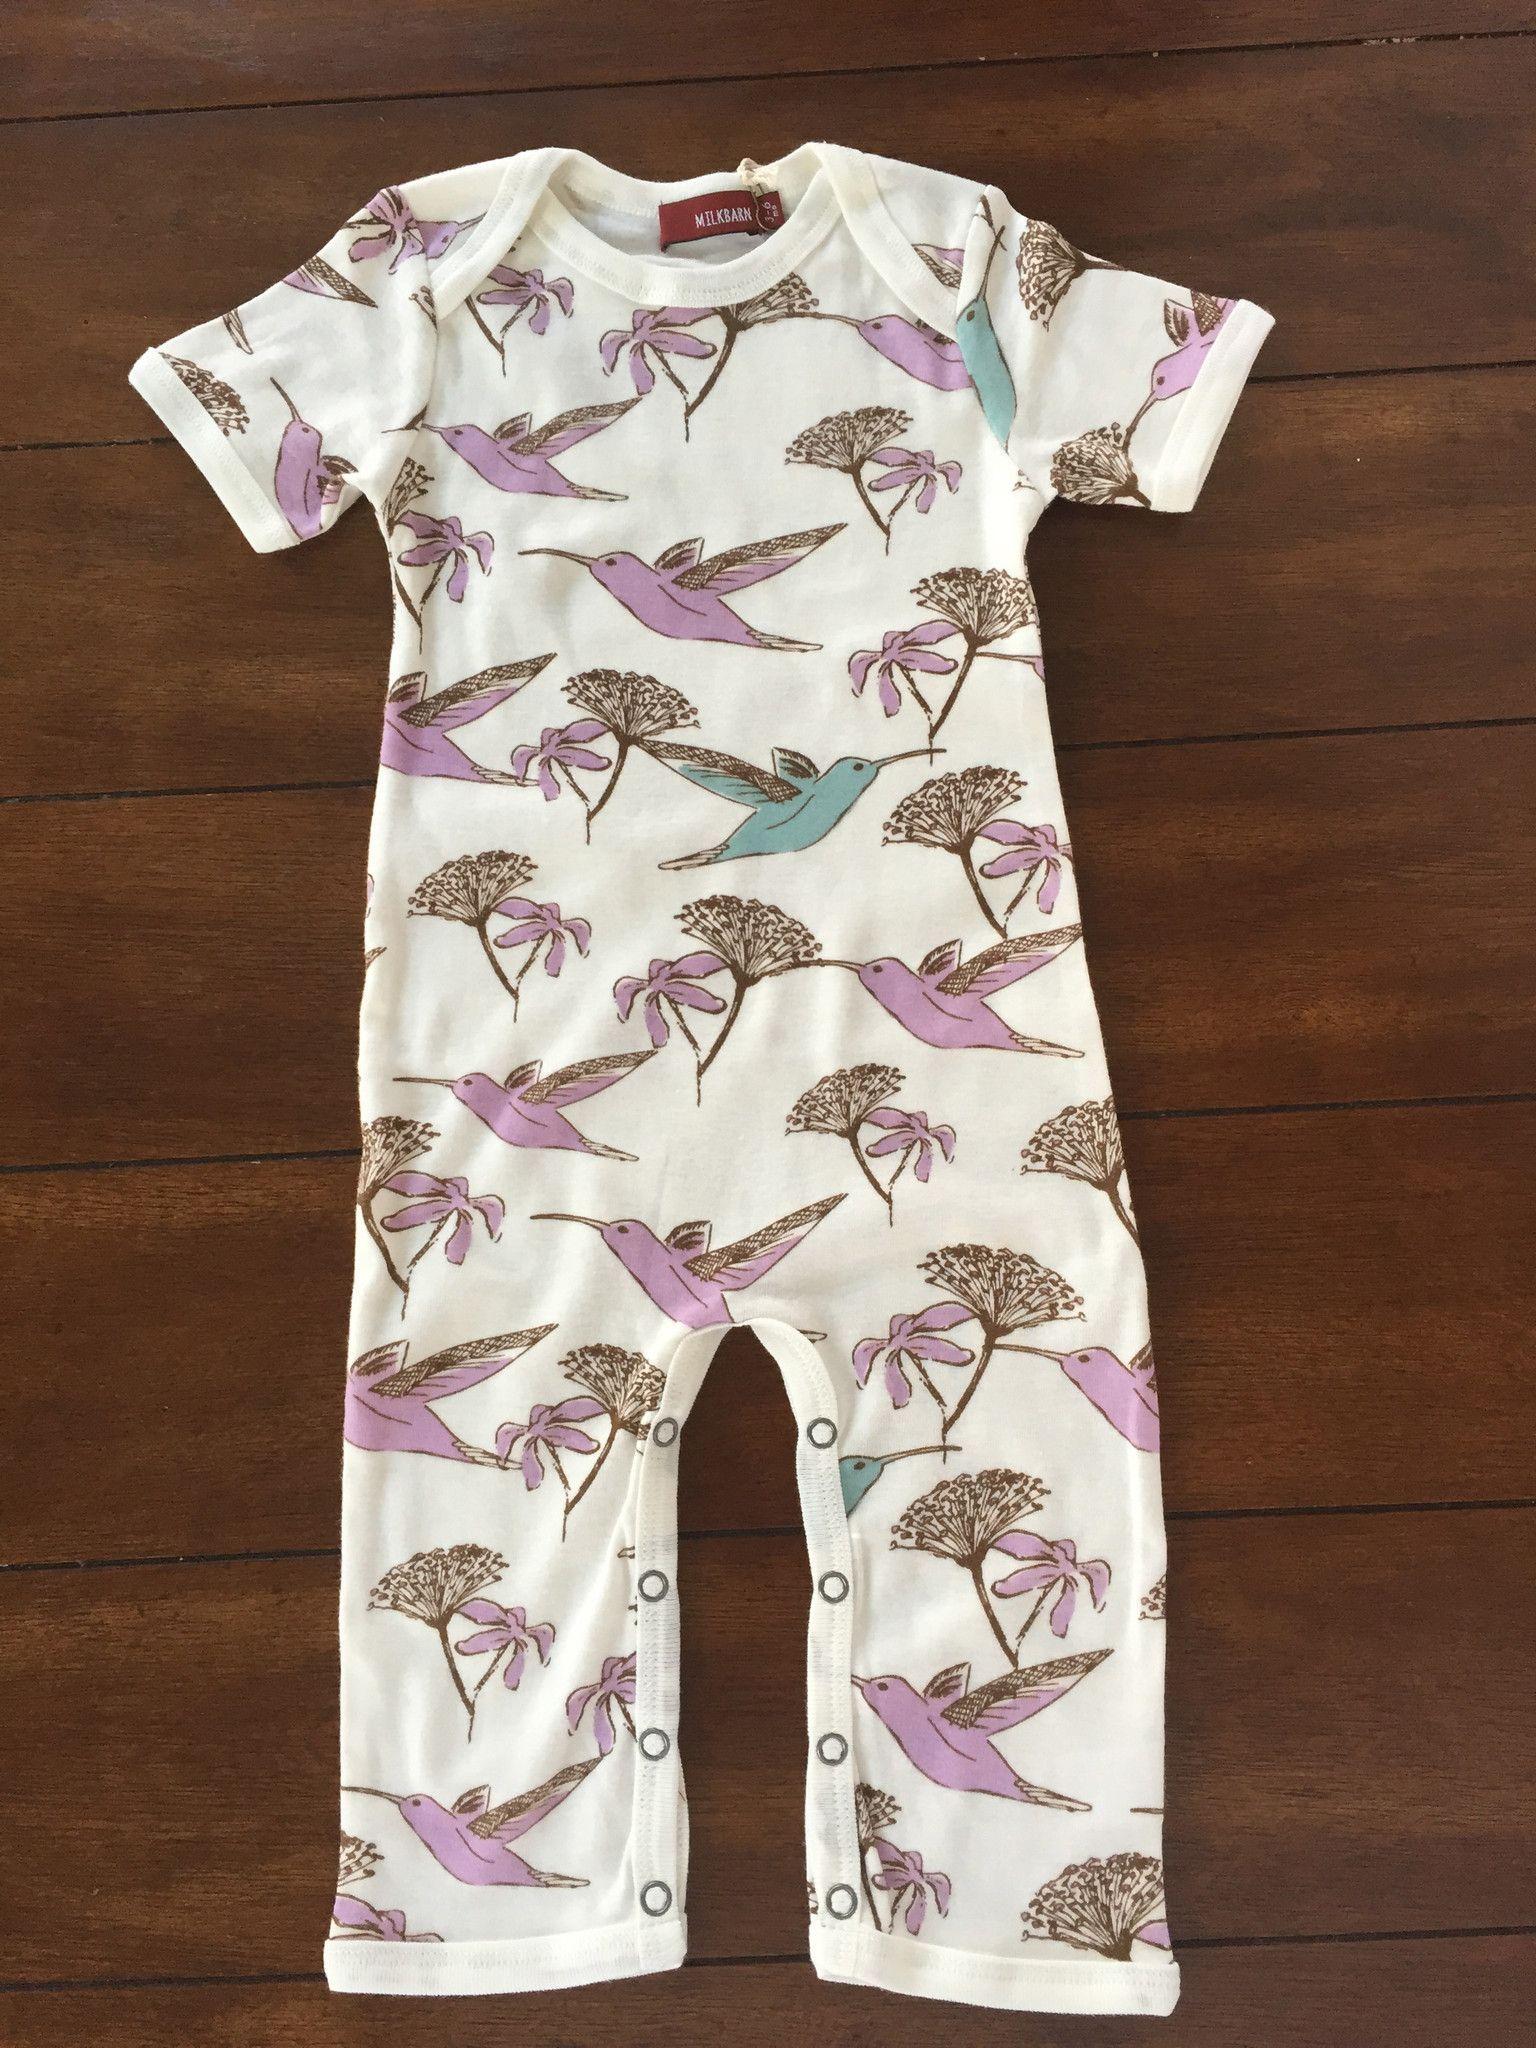 ead7b2504 MilkBarn Romper - Hummingbird | Clothes (Girl) | Rompers, Kids wear ...